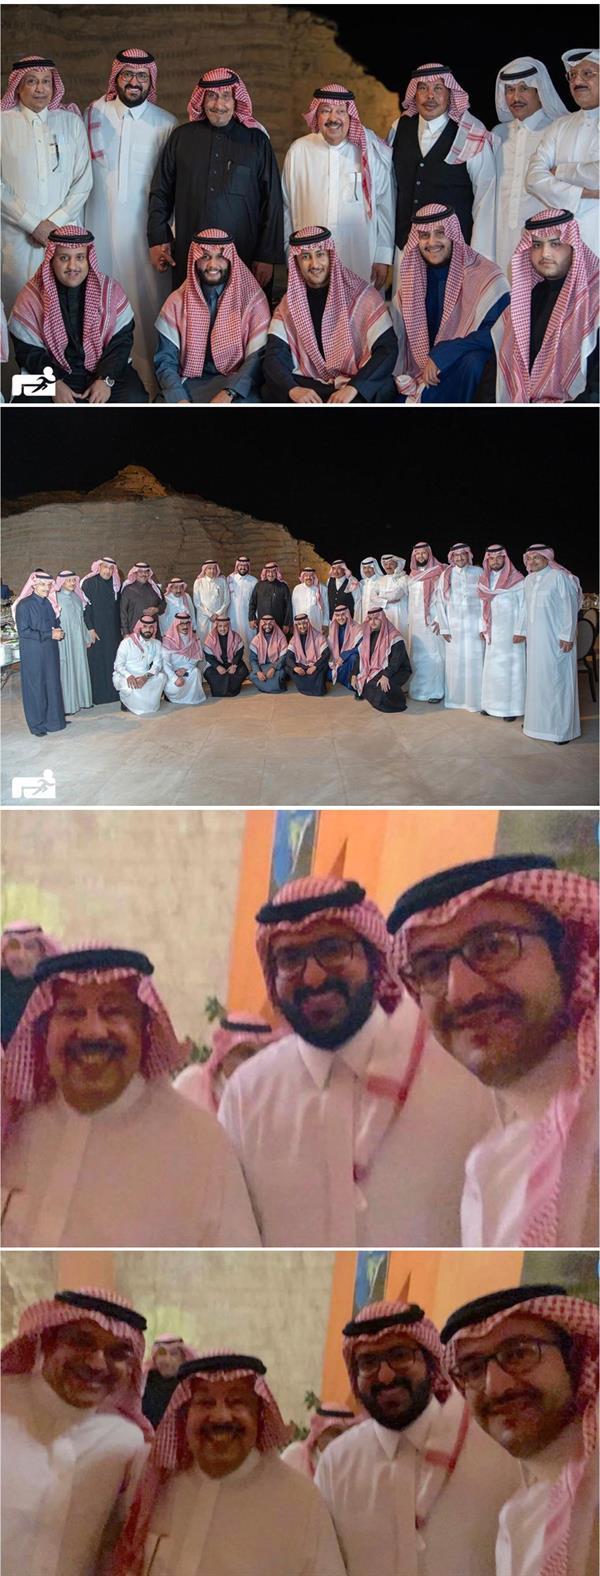 رئيس النصر السابق سعود آل سويلم يحتفل بزواجه بكريمة الأمير منصور بن سعود